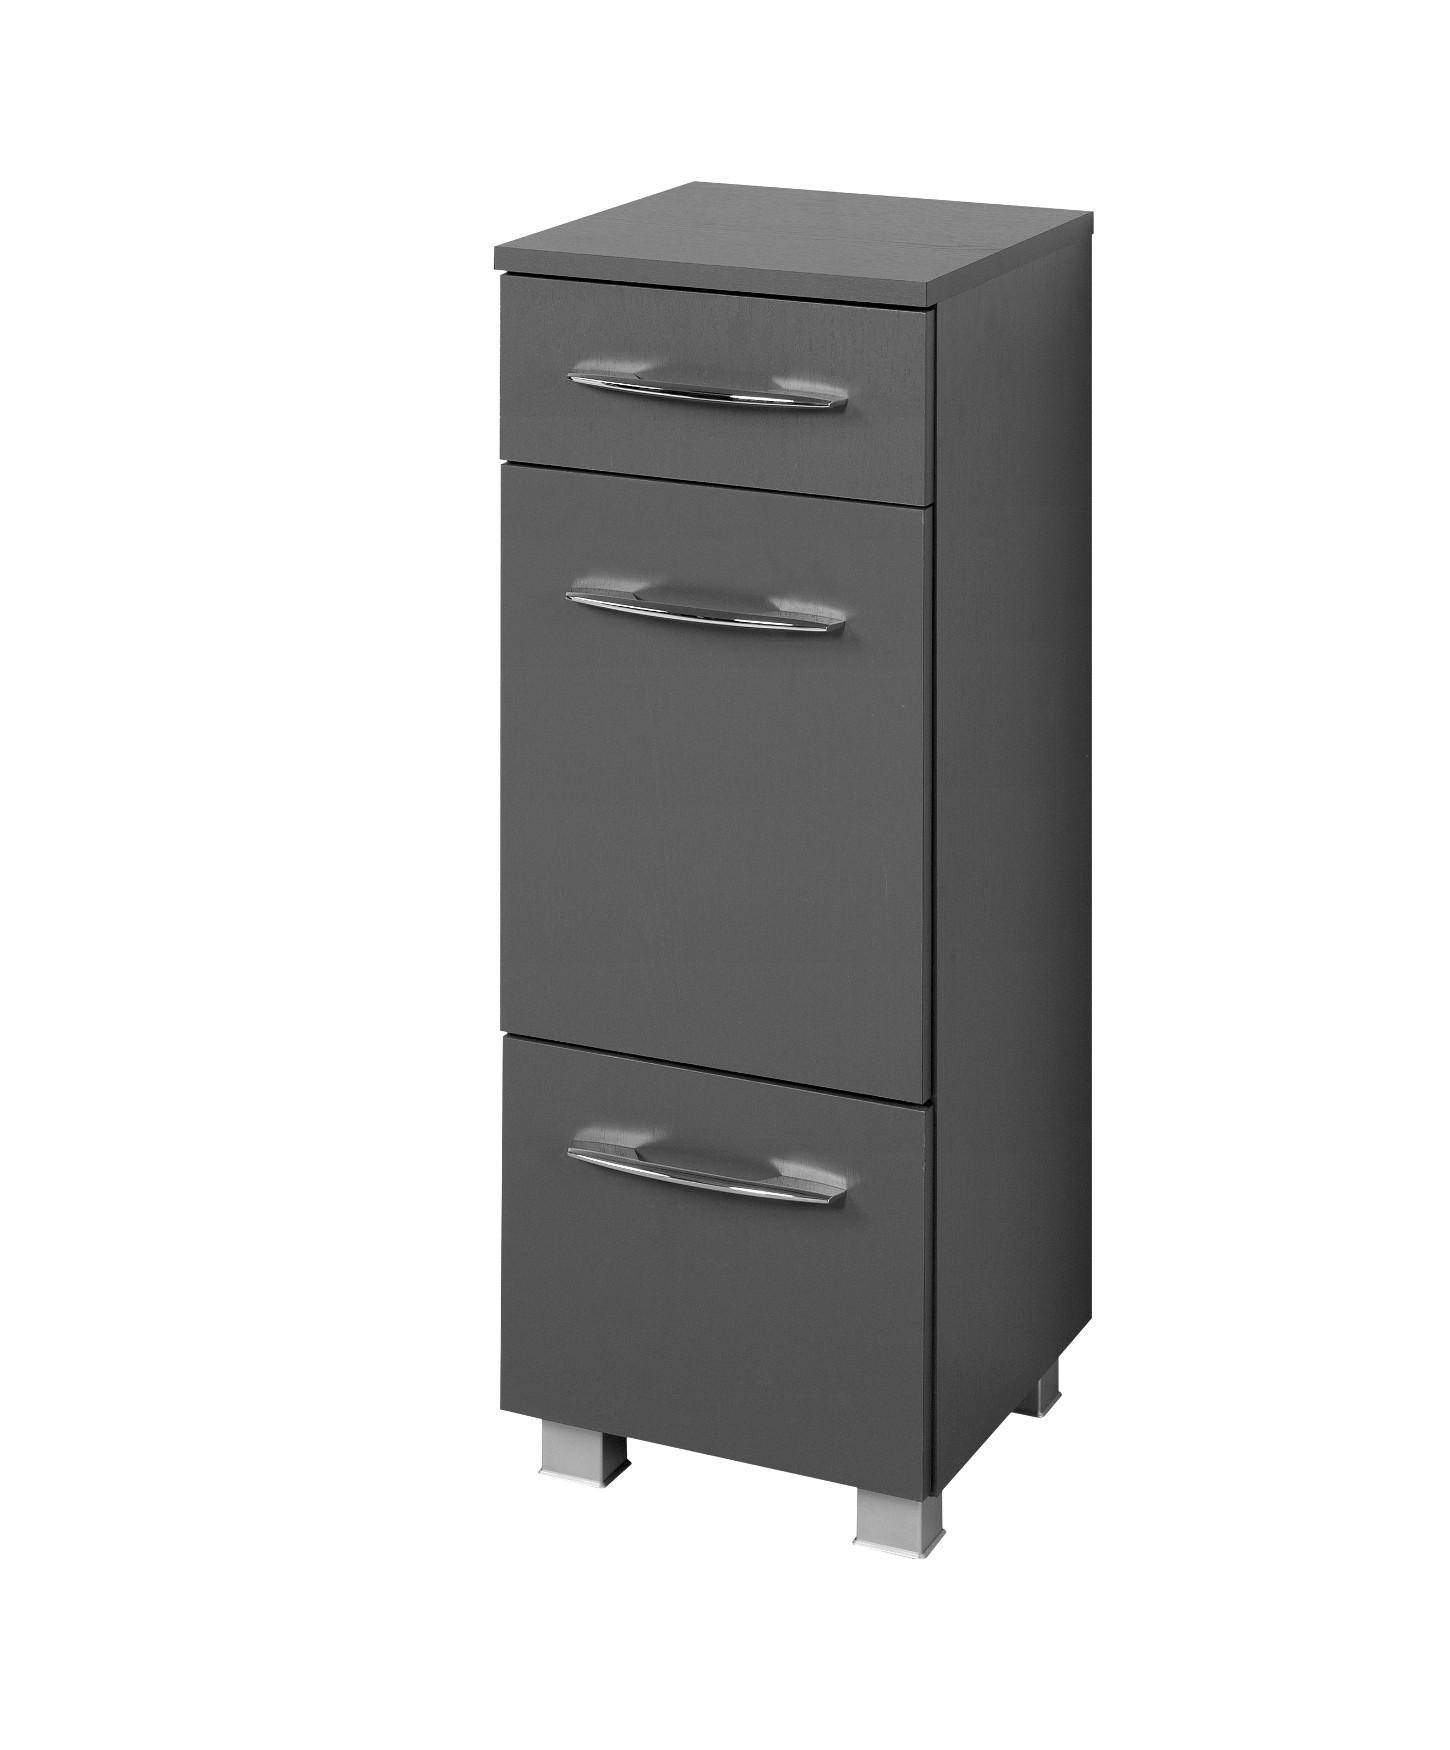 unterschrank 30 cm breit pd83 hitoiro. Black Bedroom Furniture Sets. Home Design Ideas